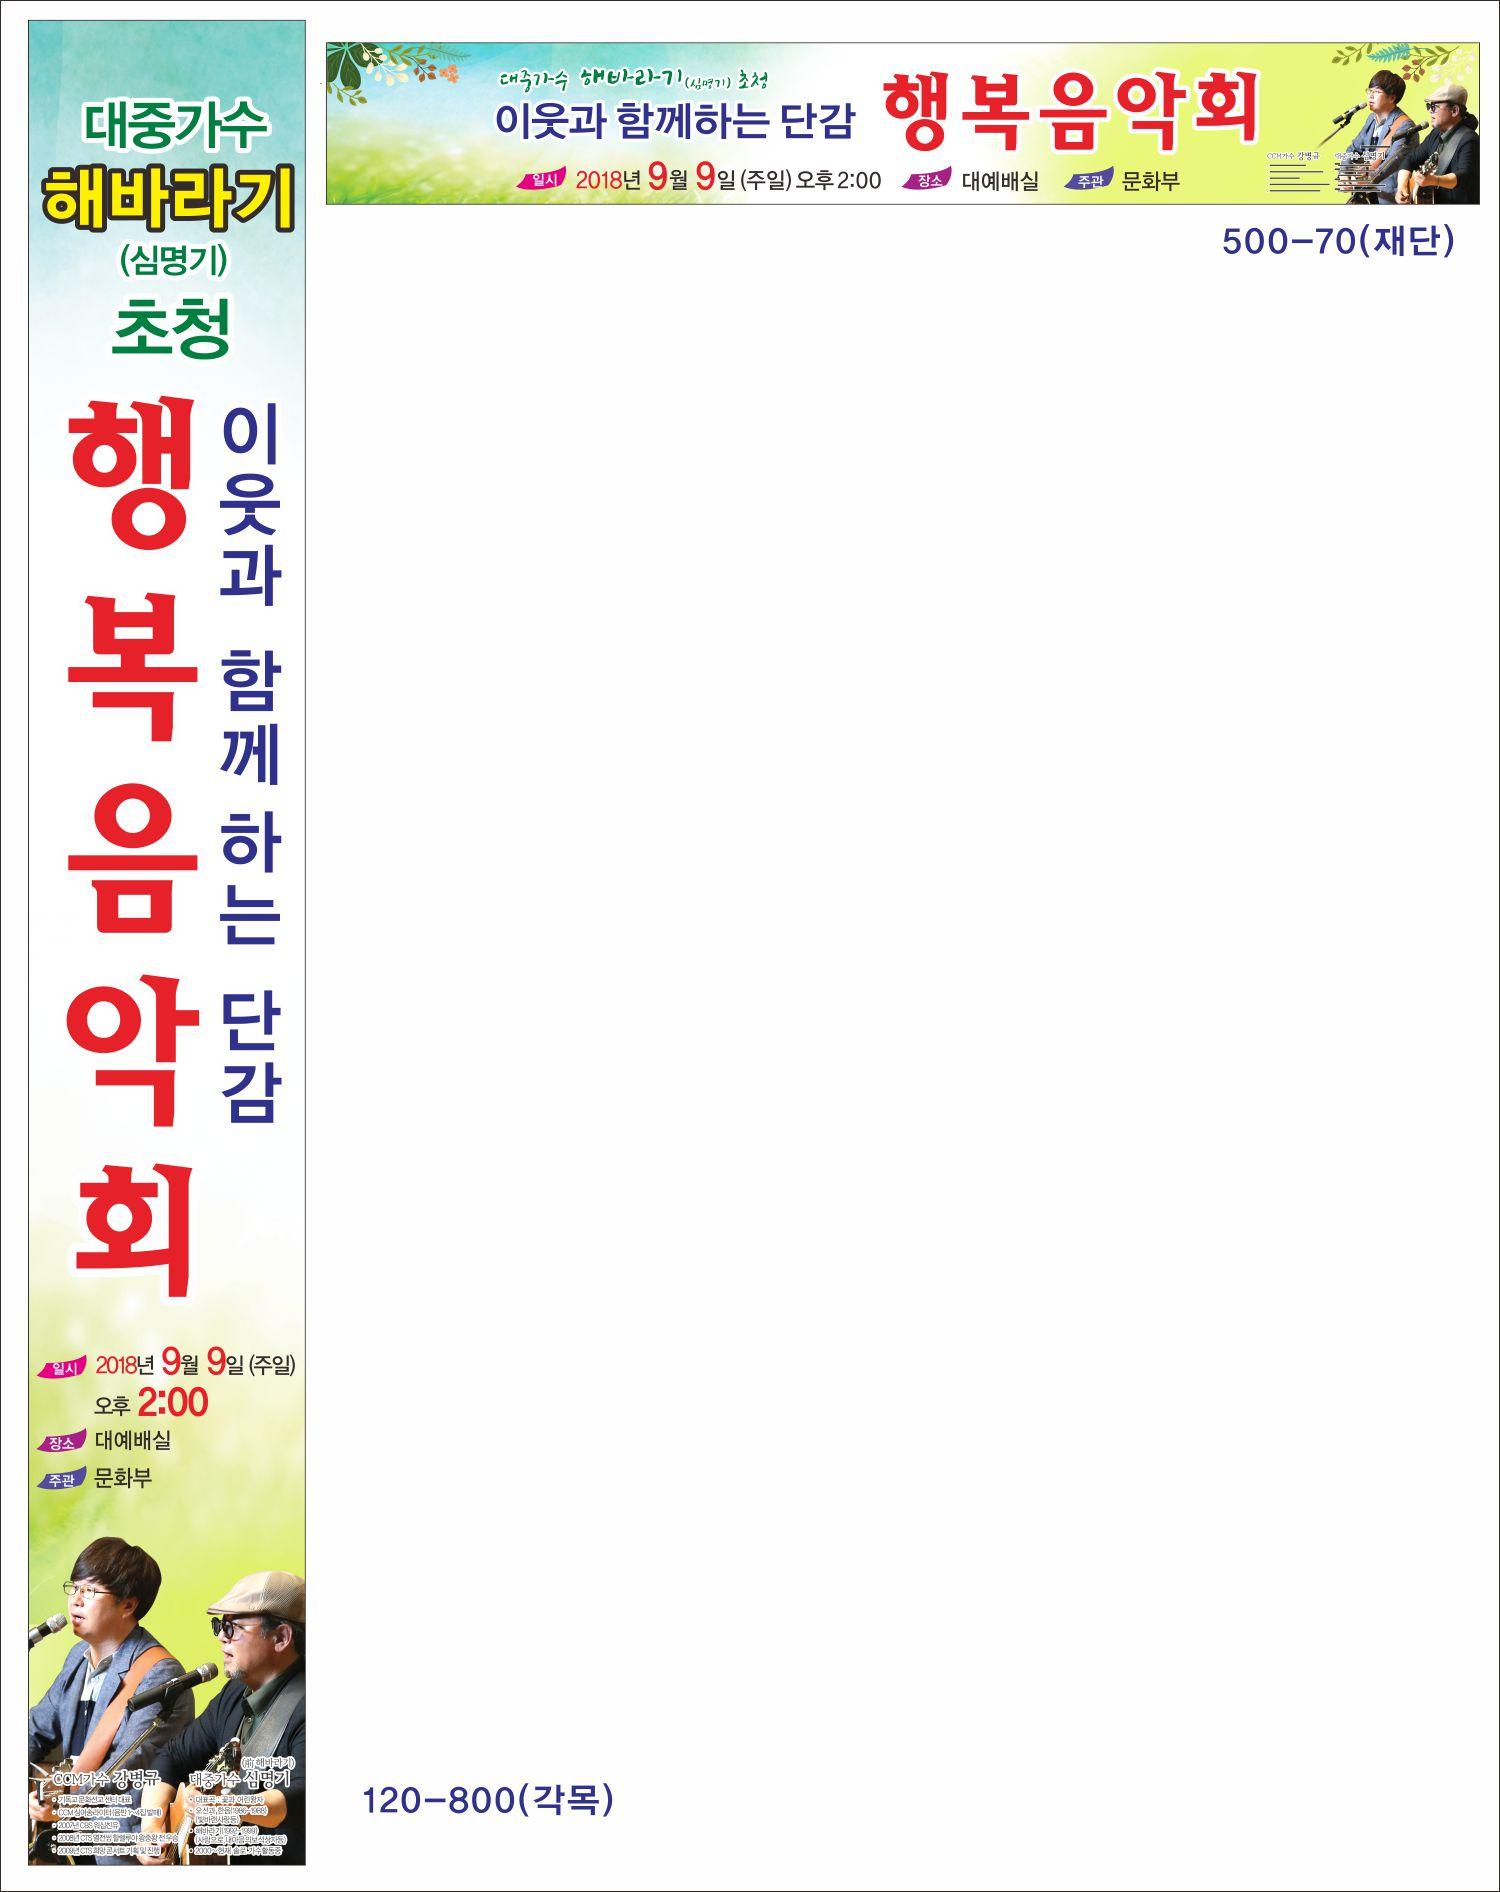 단감 행복음악회 현수막.jpg